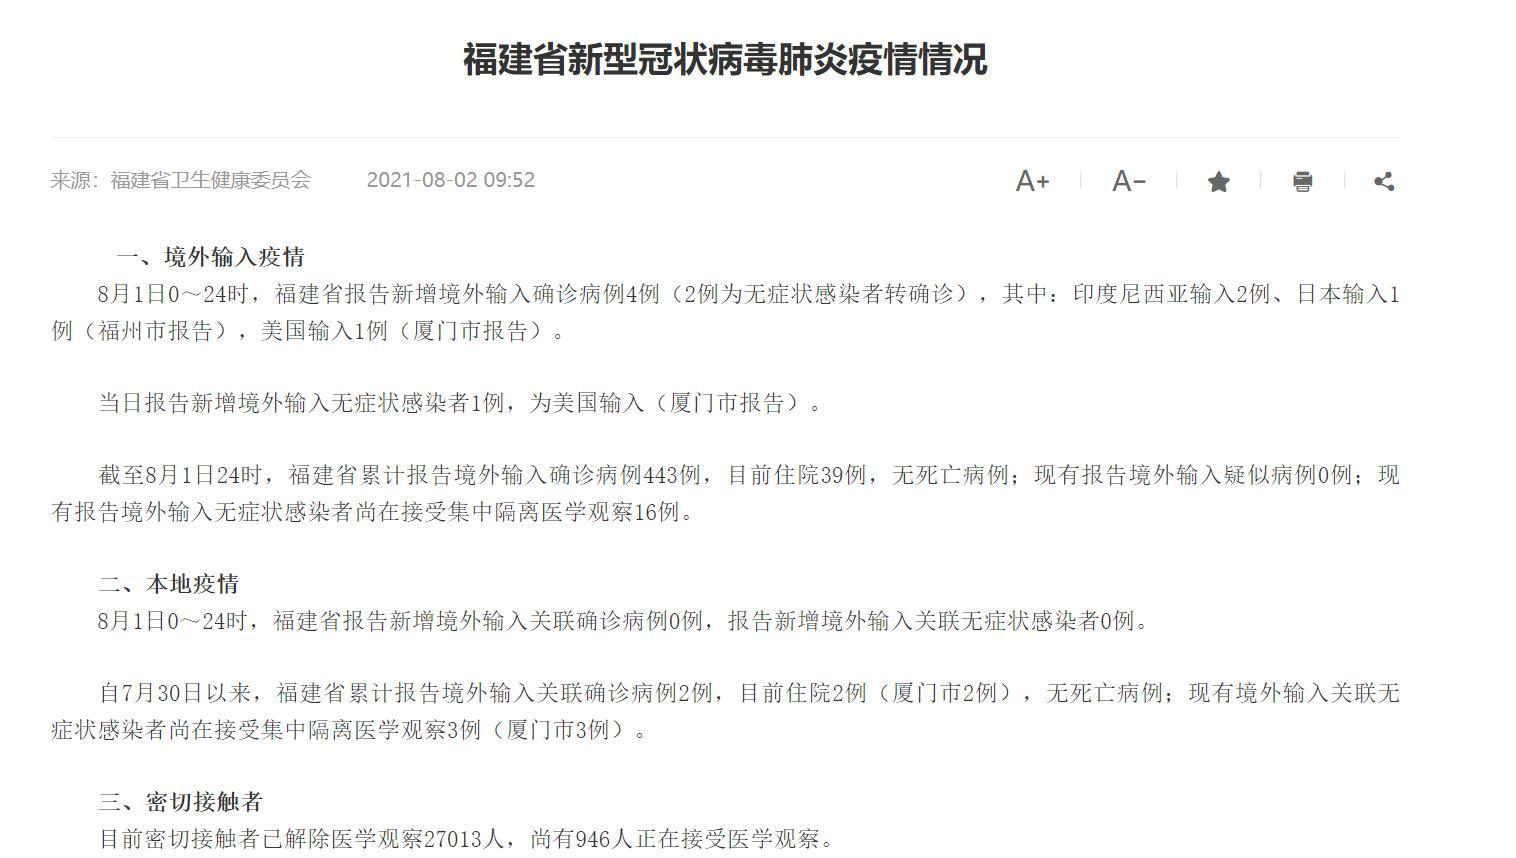 8月2日福建省新型冠状病毒肺炎疫情情况